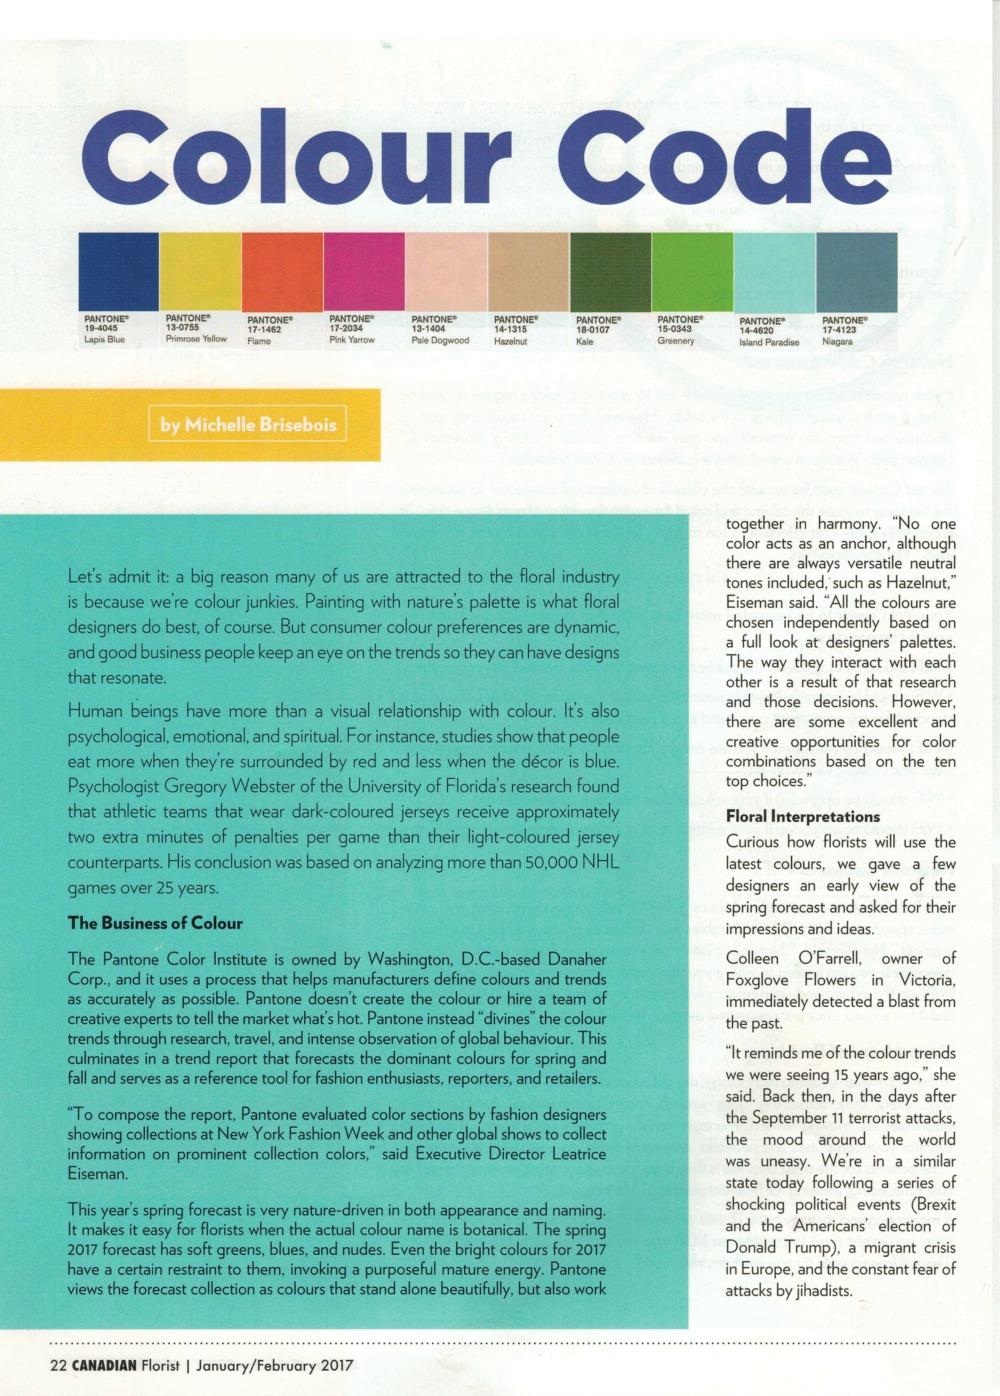 Canadaian-florist-colour-code-1-foxgloves-flowers-victoria-bc-florist